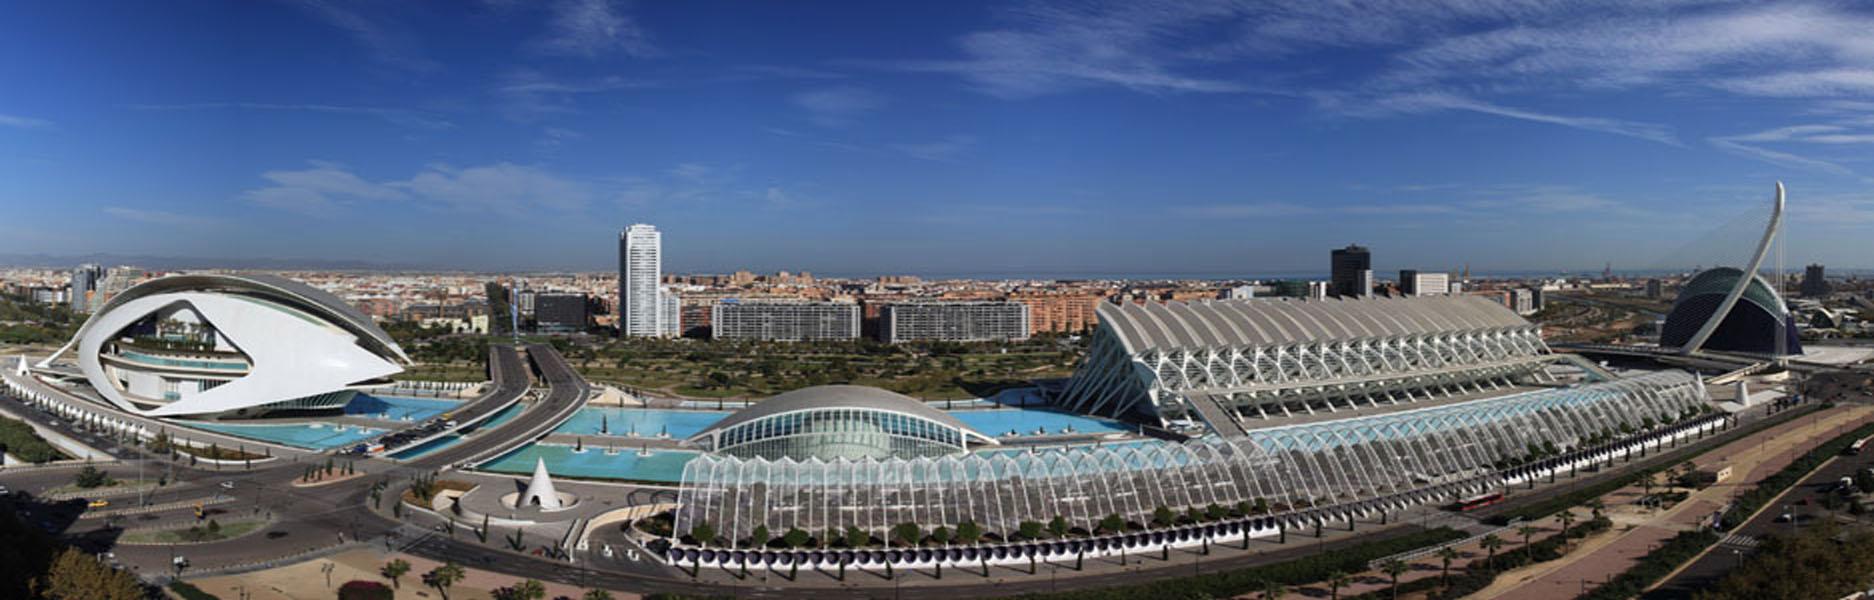 TOP 7 Desastres Paisajísticos en España